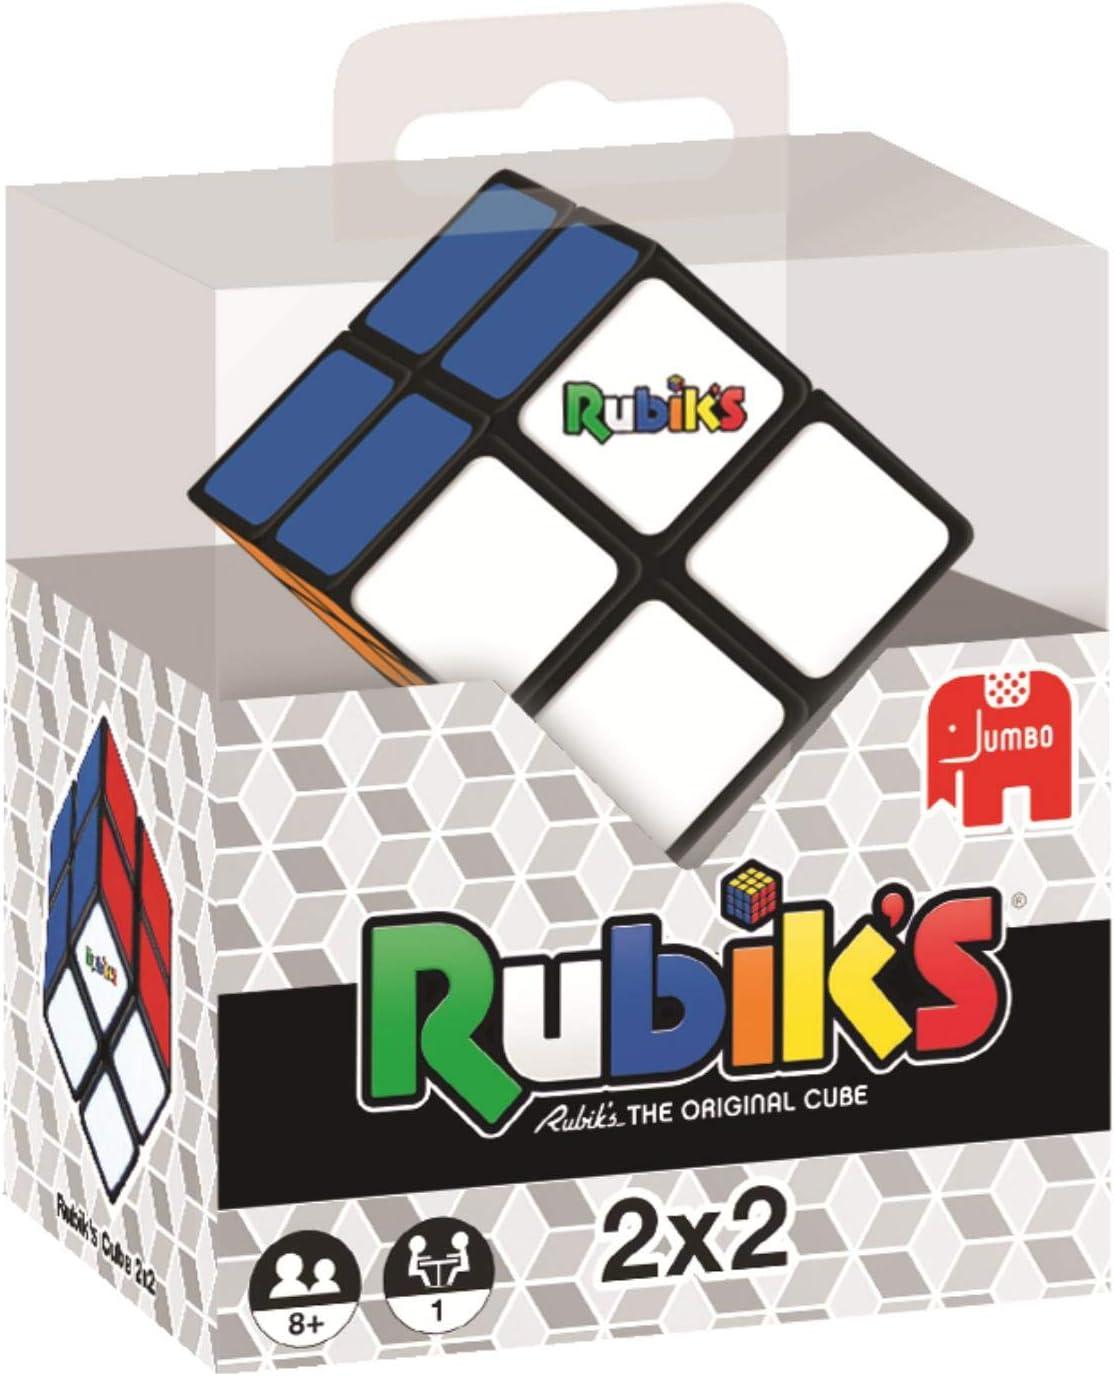 Rubiks 2x2: Zauberwürfel: Amazon.es: Juguetes y juegos